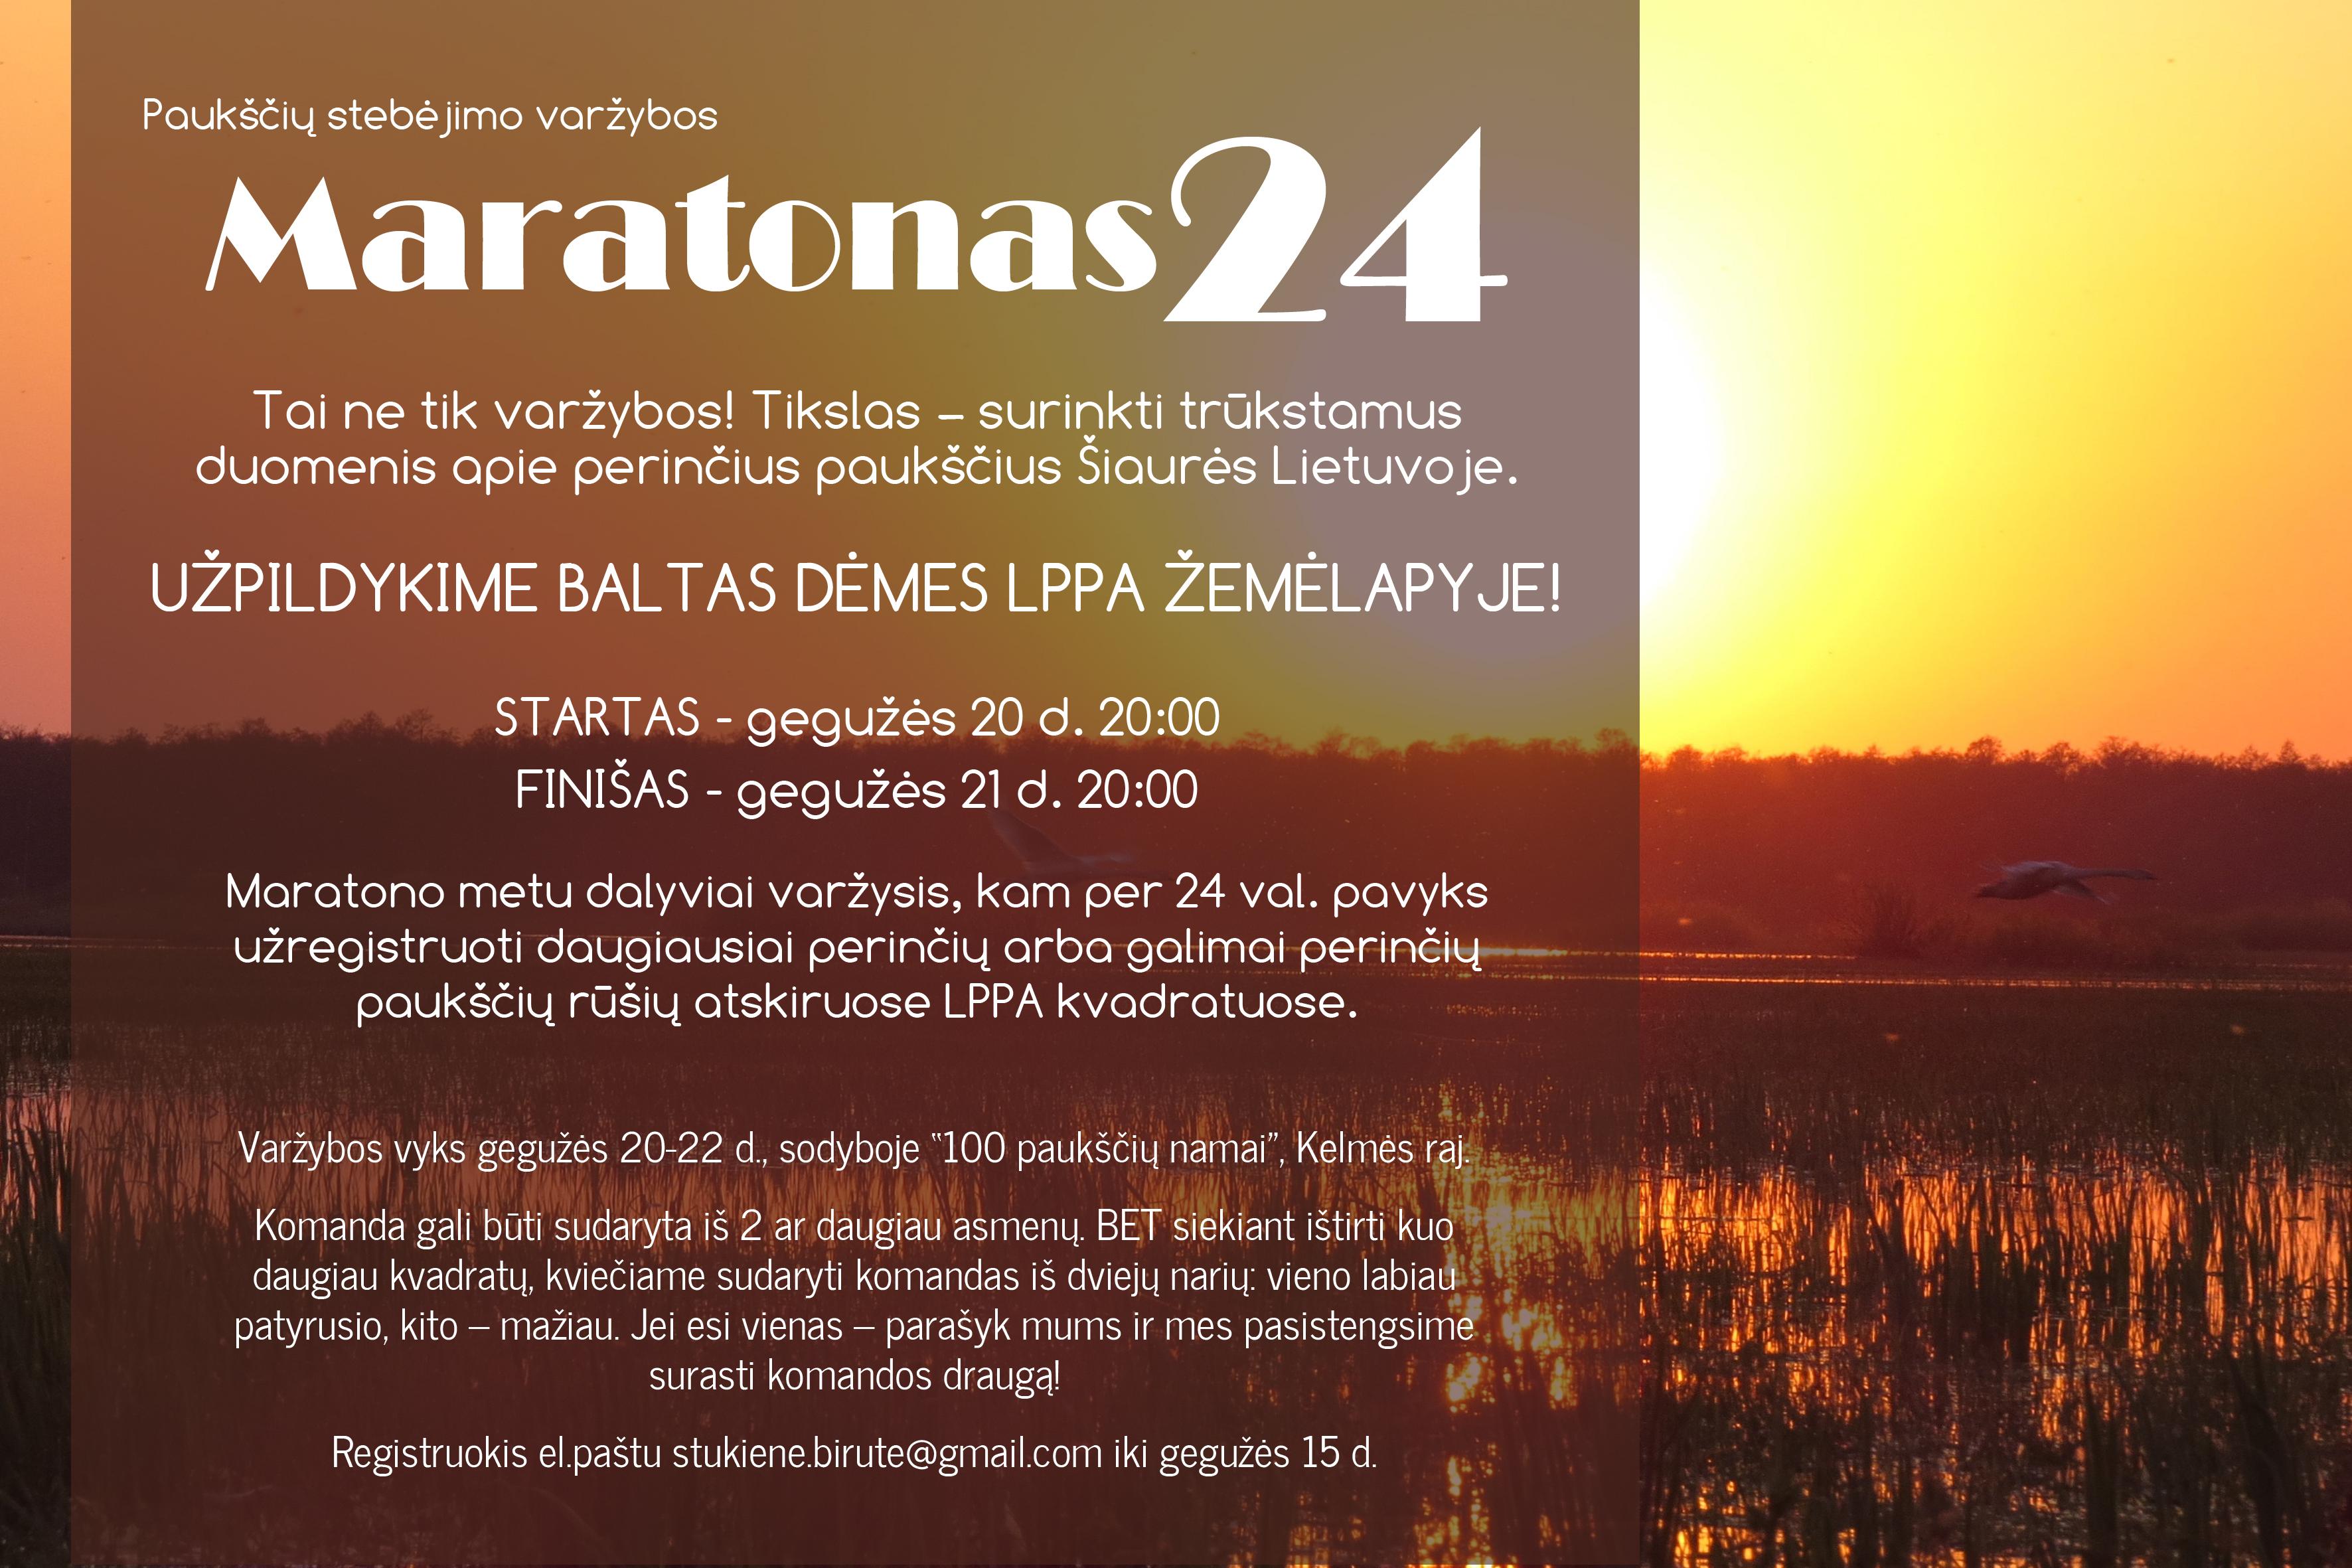 Maratonas24v2